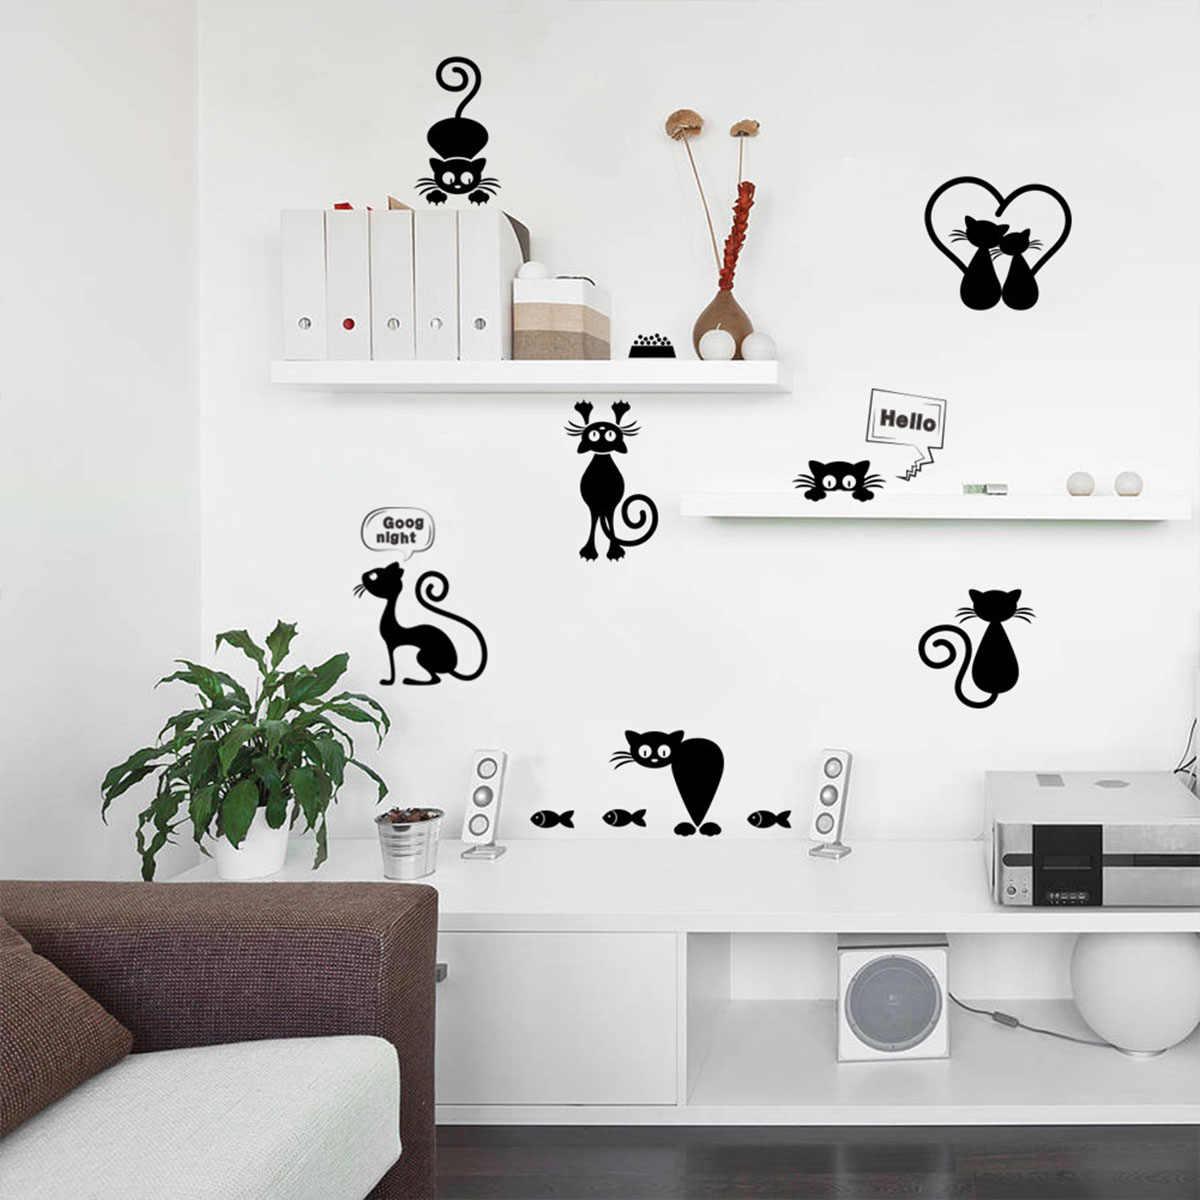 이동식 벽 스티커 만화 검은 고양이 빛 스위치 스티커 비닐 벽지 DIY 장식 전사 술 아트 벽화 아기